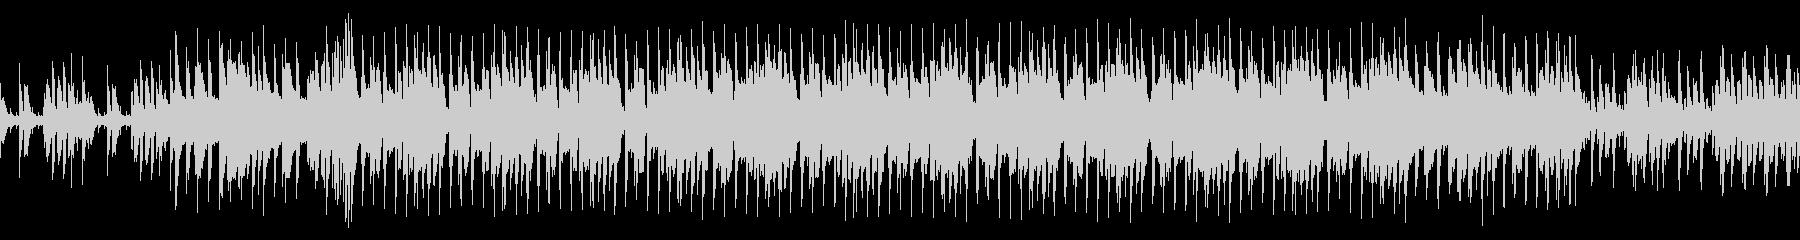 ハウスビートとピアノの緊張感のあるループの未再生の波形